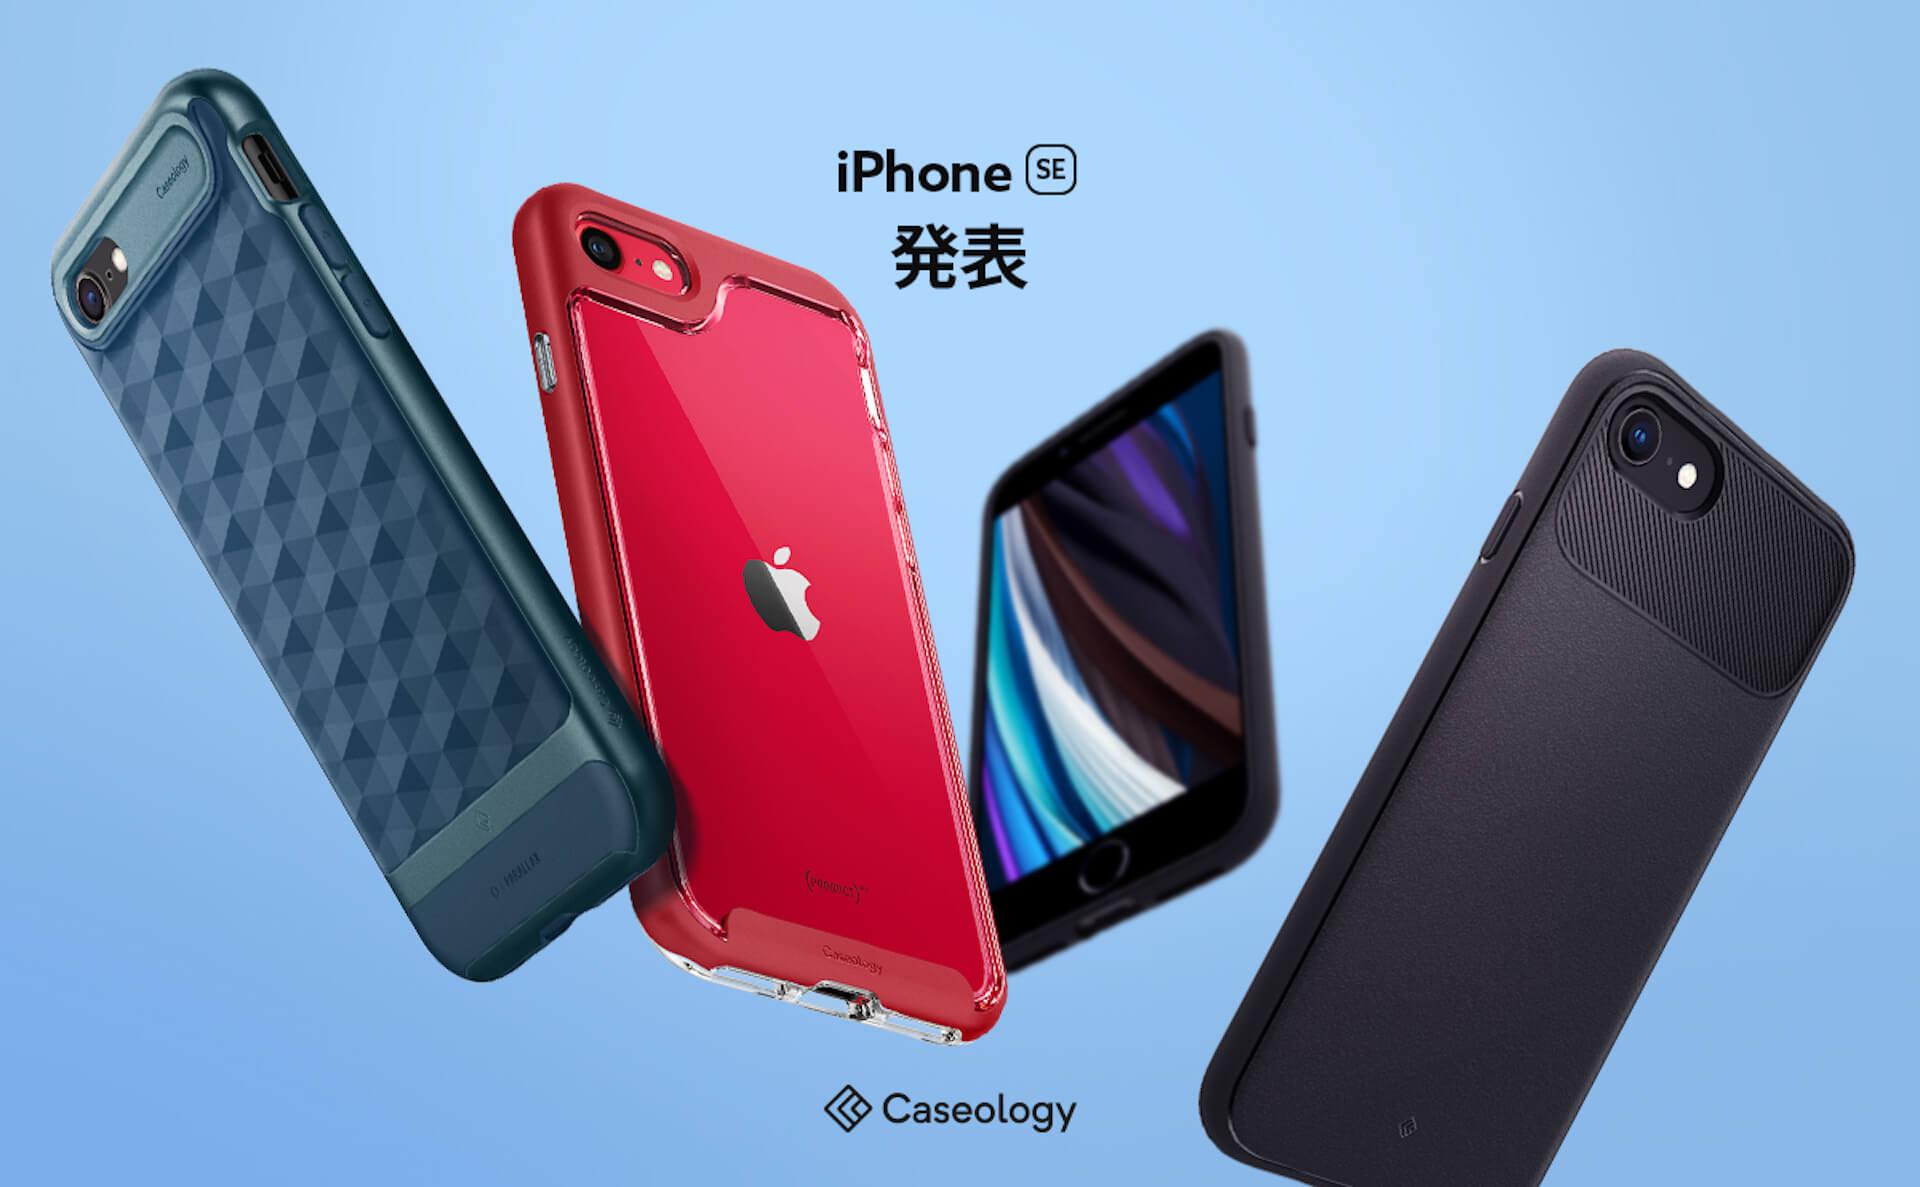 本日予約受付開始のiPhone SE用のCaseologyスマホケースが発売!Amazonにてキャンペーンも tech200417_iphonese_case_8